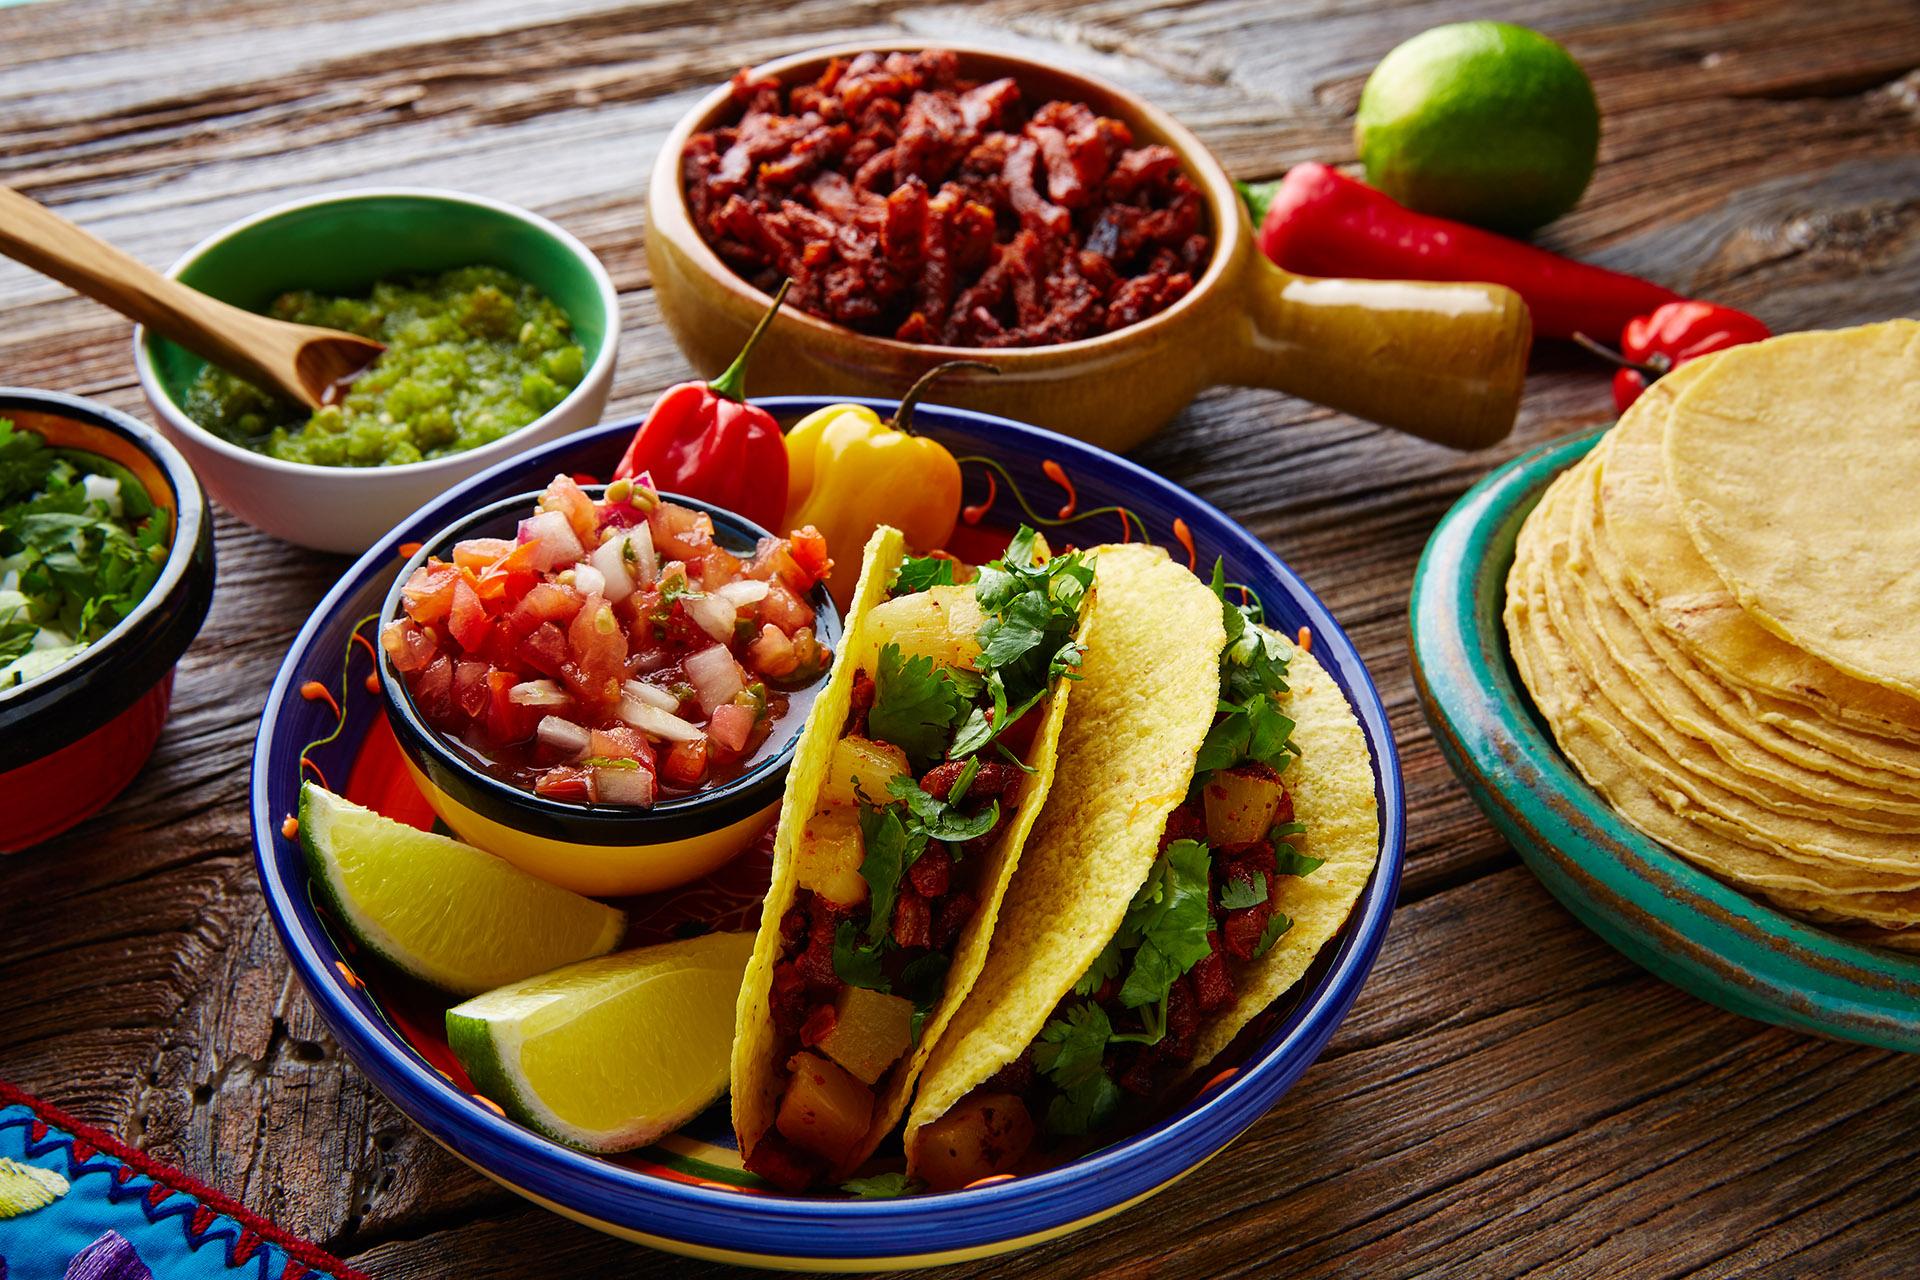 El taco mexicano, uno de los platillos más famosos.